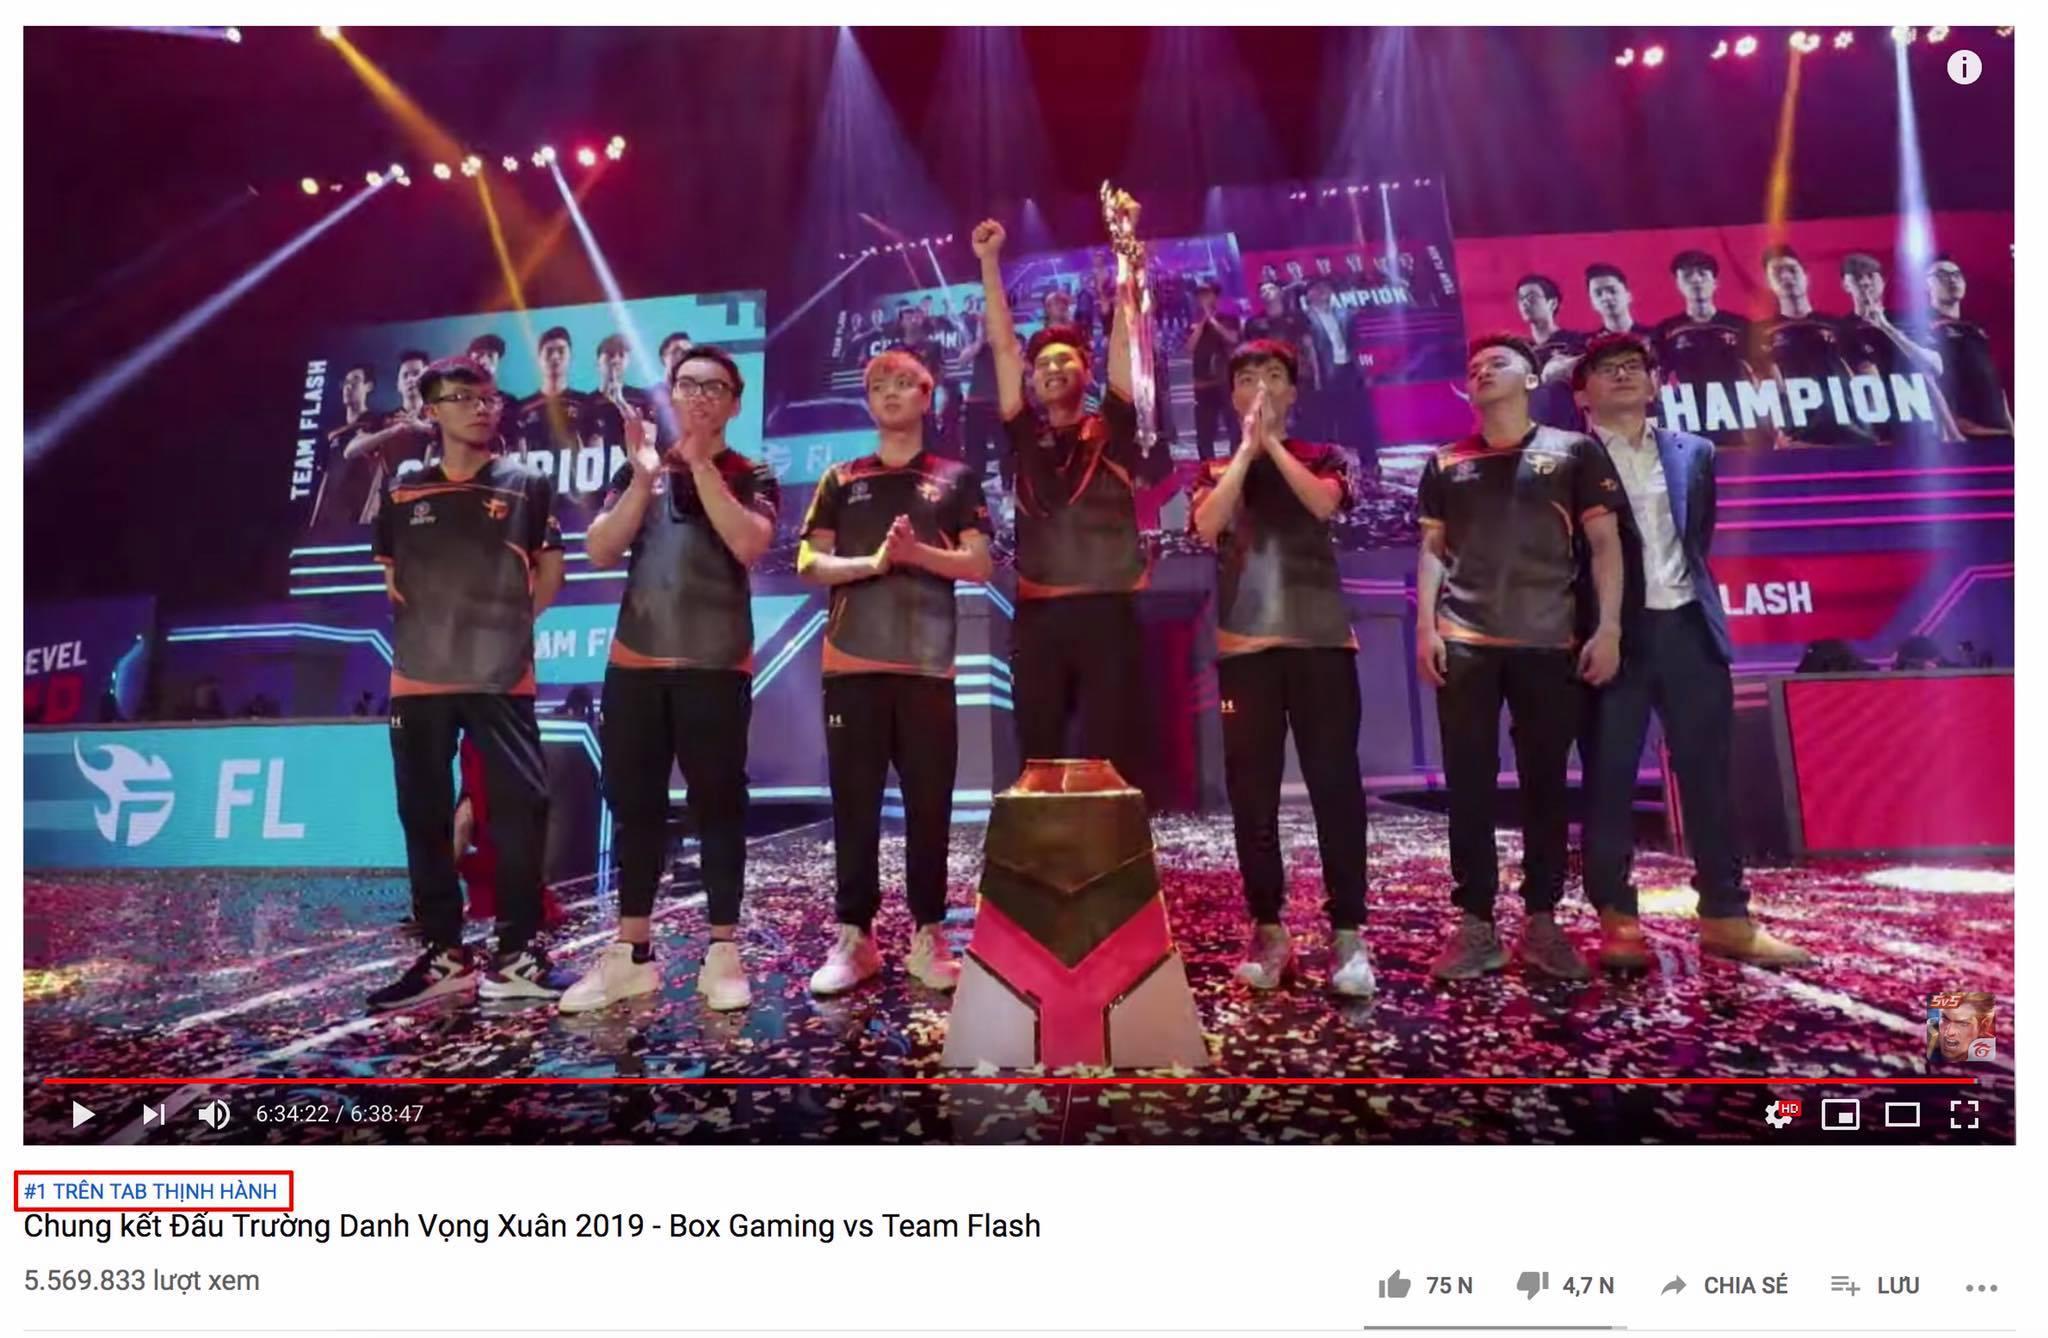 Trận Chung kết Đấu Trường Danh Vọng mùa Xuân 2019 đã tạo ra sức hút khủng khiếp trên mạng xã hội Việt Nam